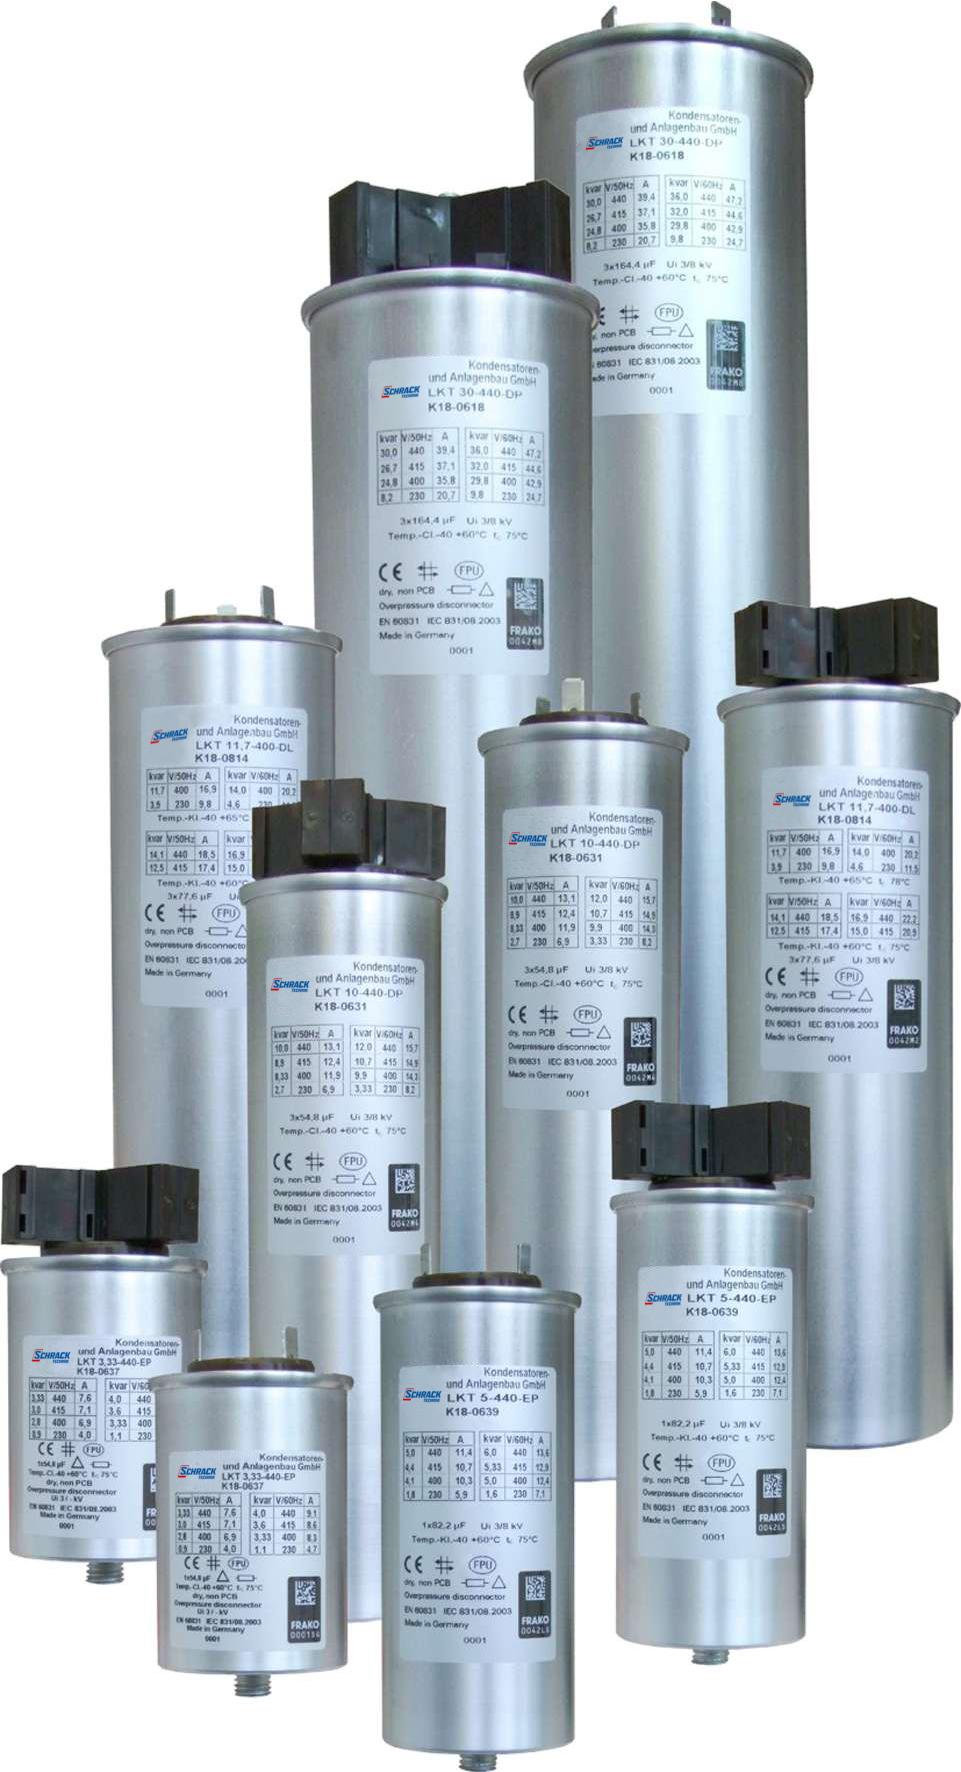 1 Stk Leistungskondensator 480V Qc=2,5kvar (400V) Qc=3kvar (440V) FRLK03648L